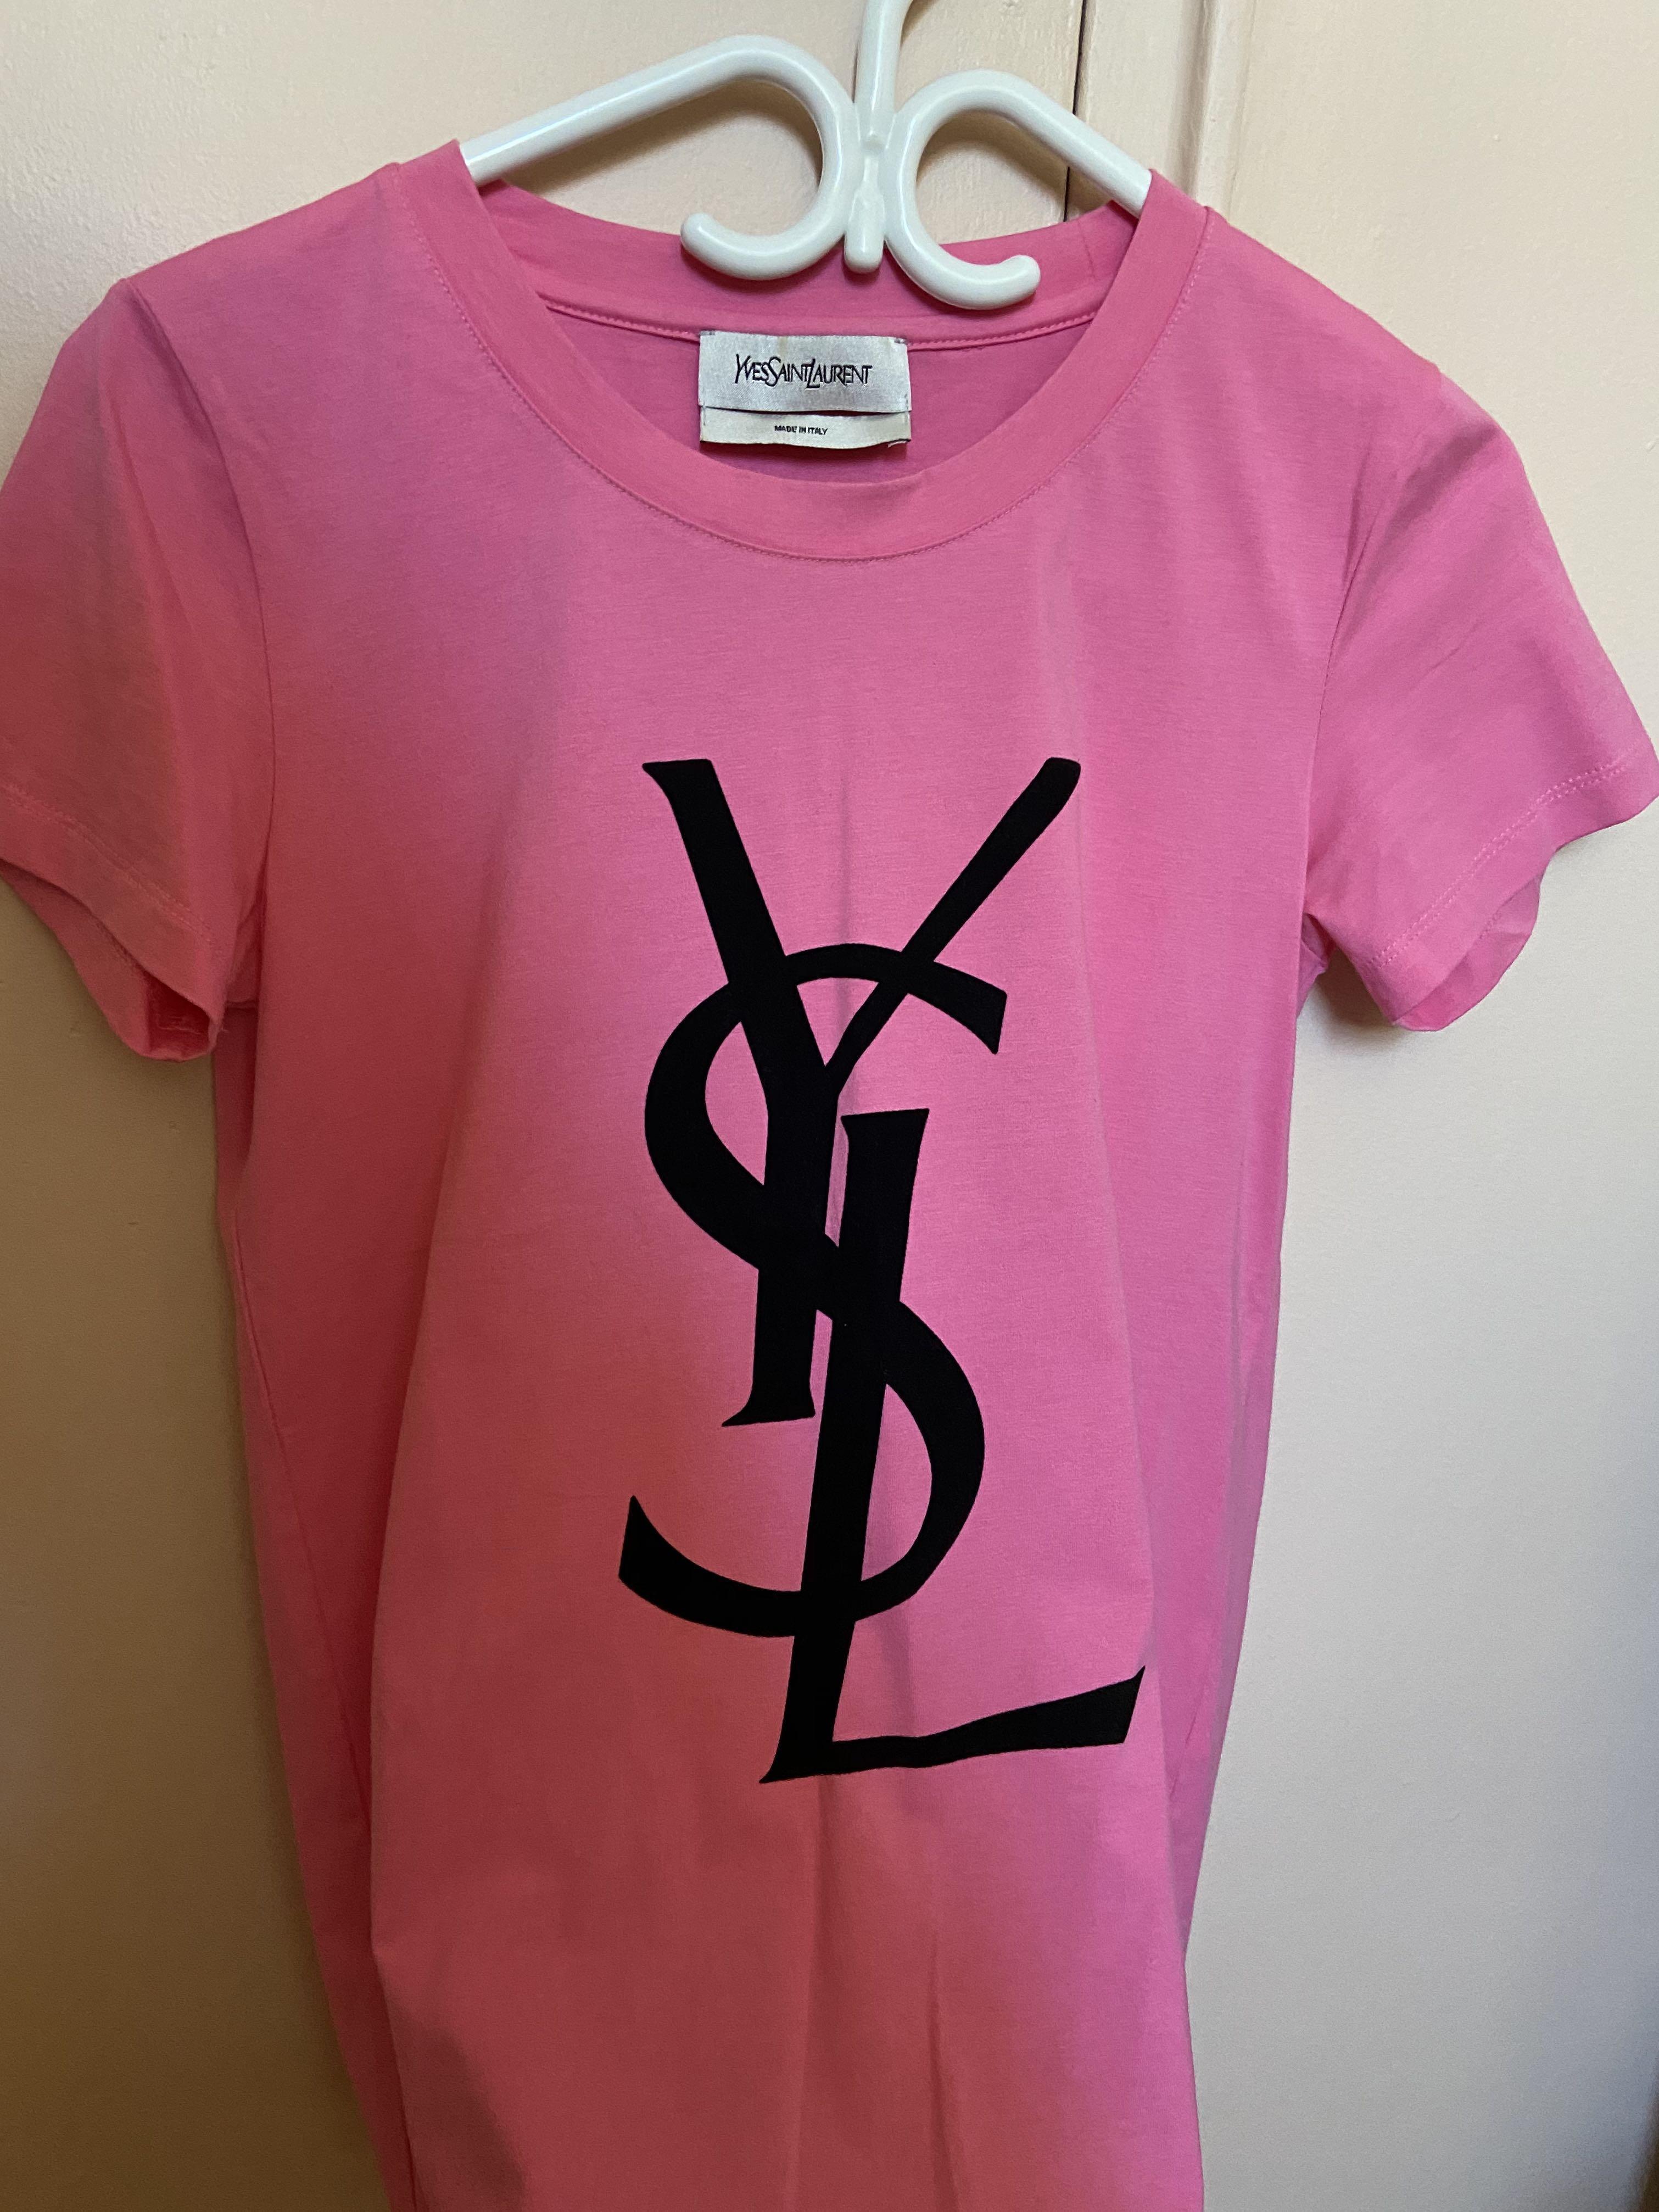 Brand name tshirts